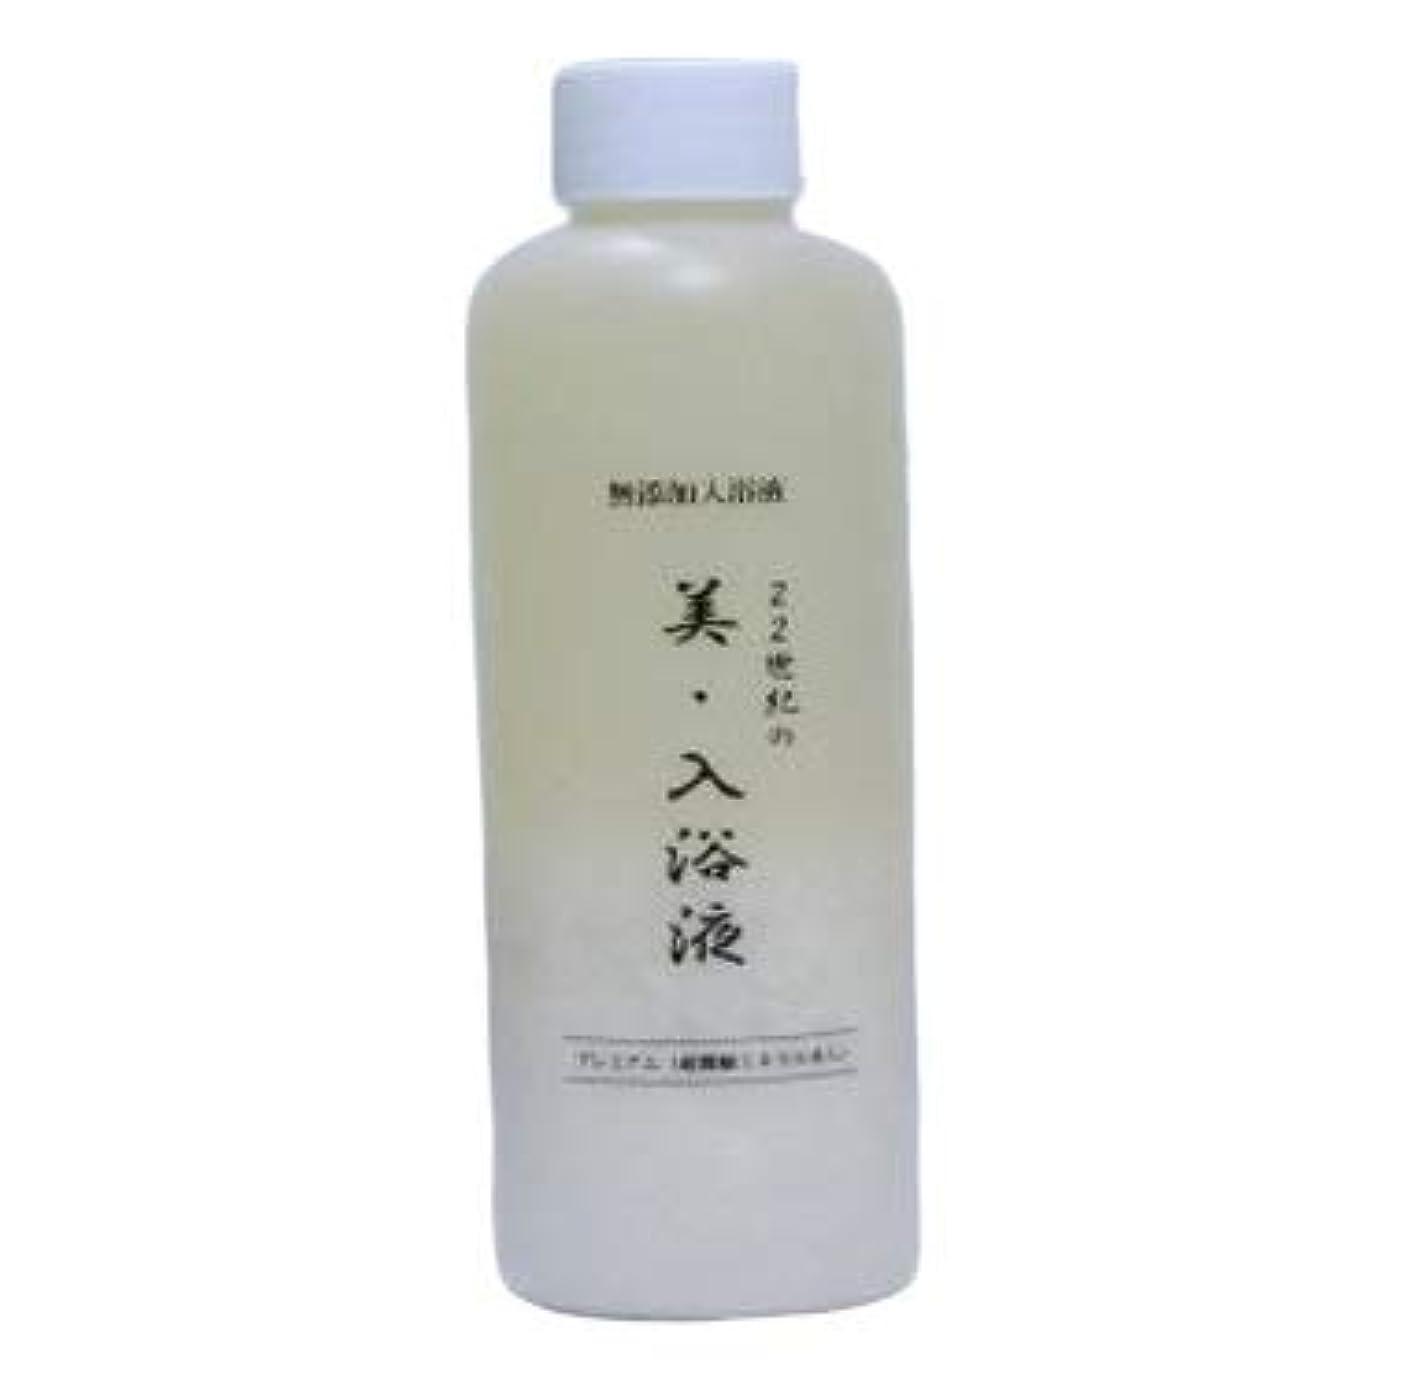 気味の悪いフォーム珍味22世紀の美入浴液 200ml 酵素入浴剤